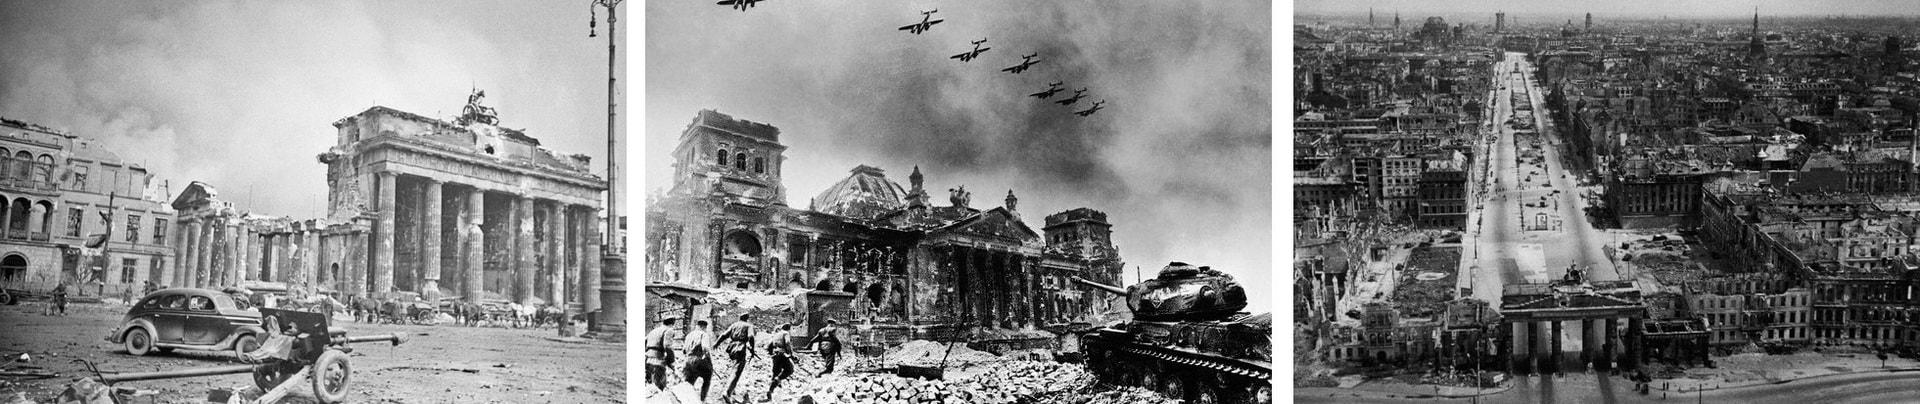 Разрушенный Берлин 1945 - Крах Третьего рейха